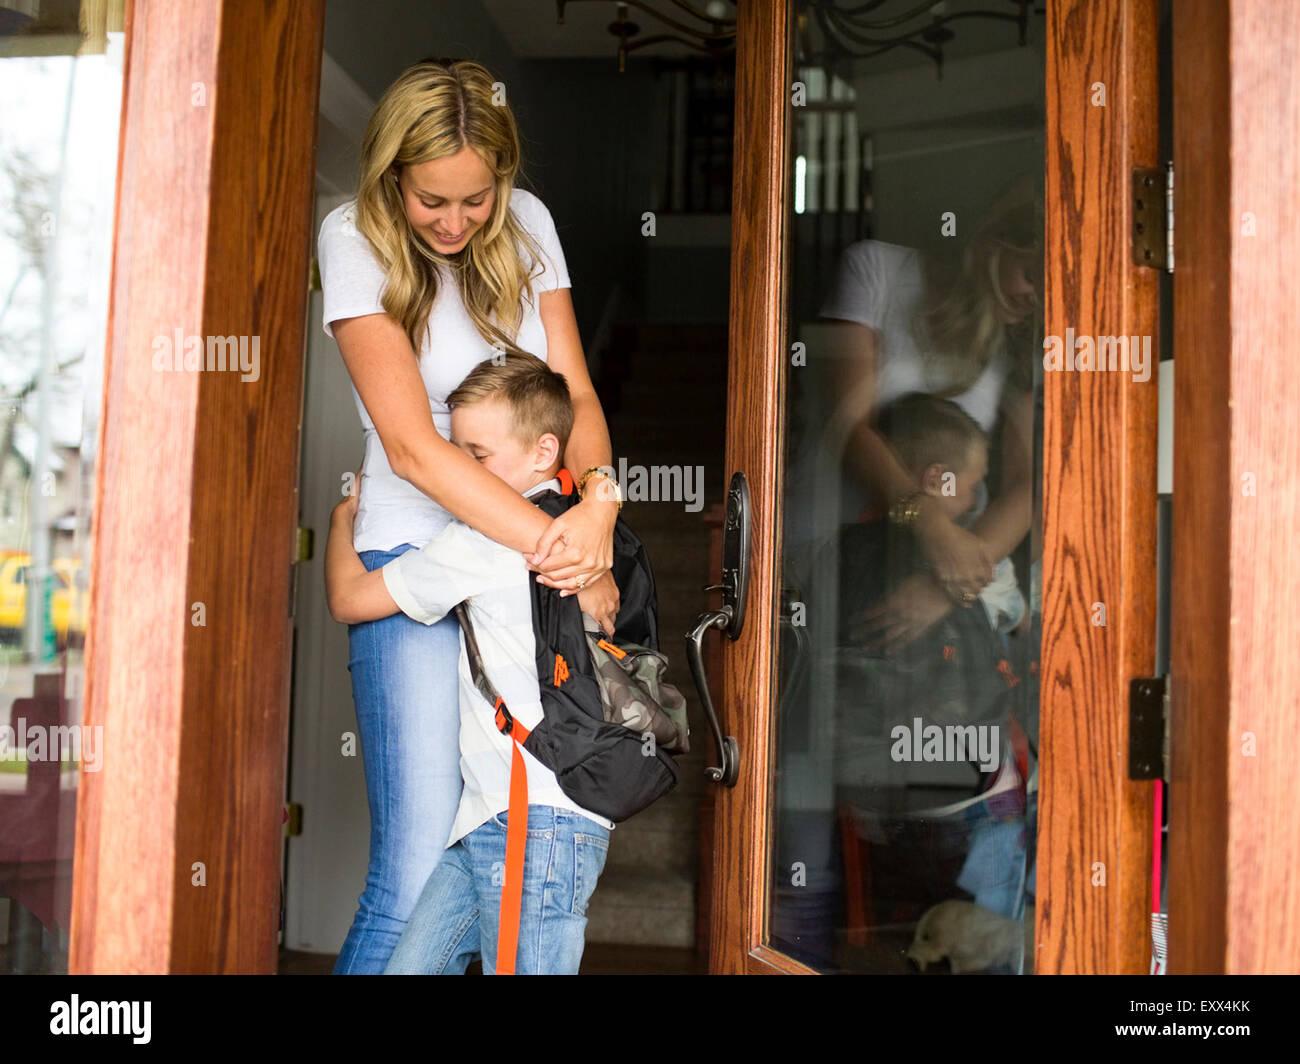 Ragazzo (6-7) abbracciando la madre prima di partire per la scuola Immagini Stock